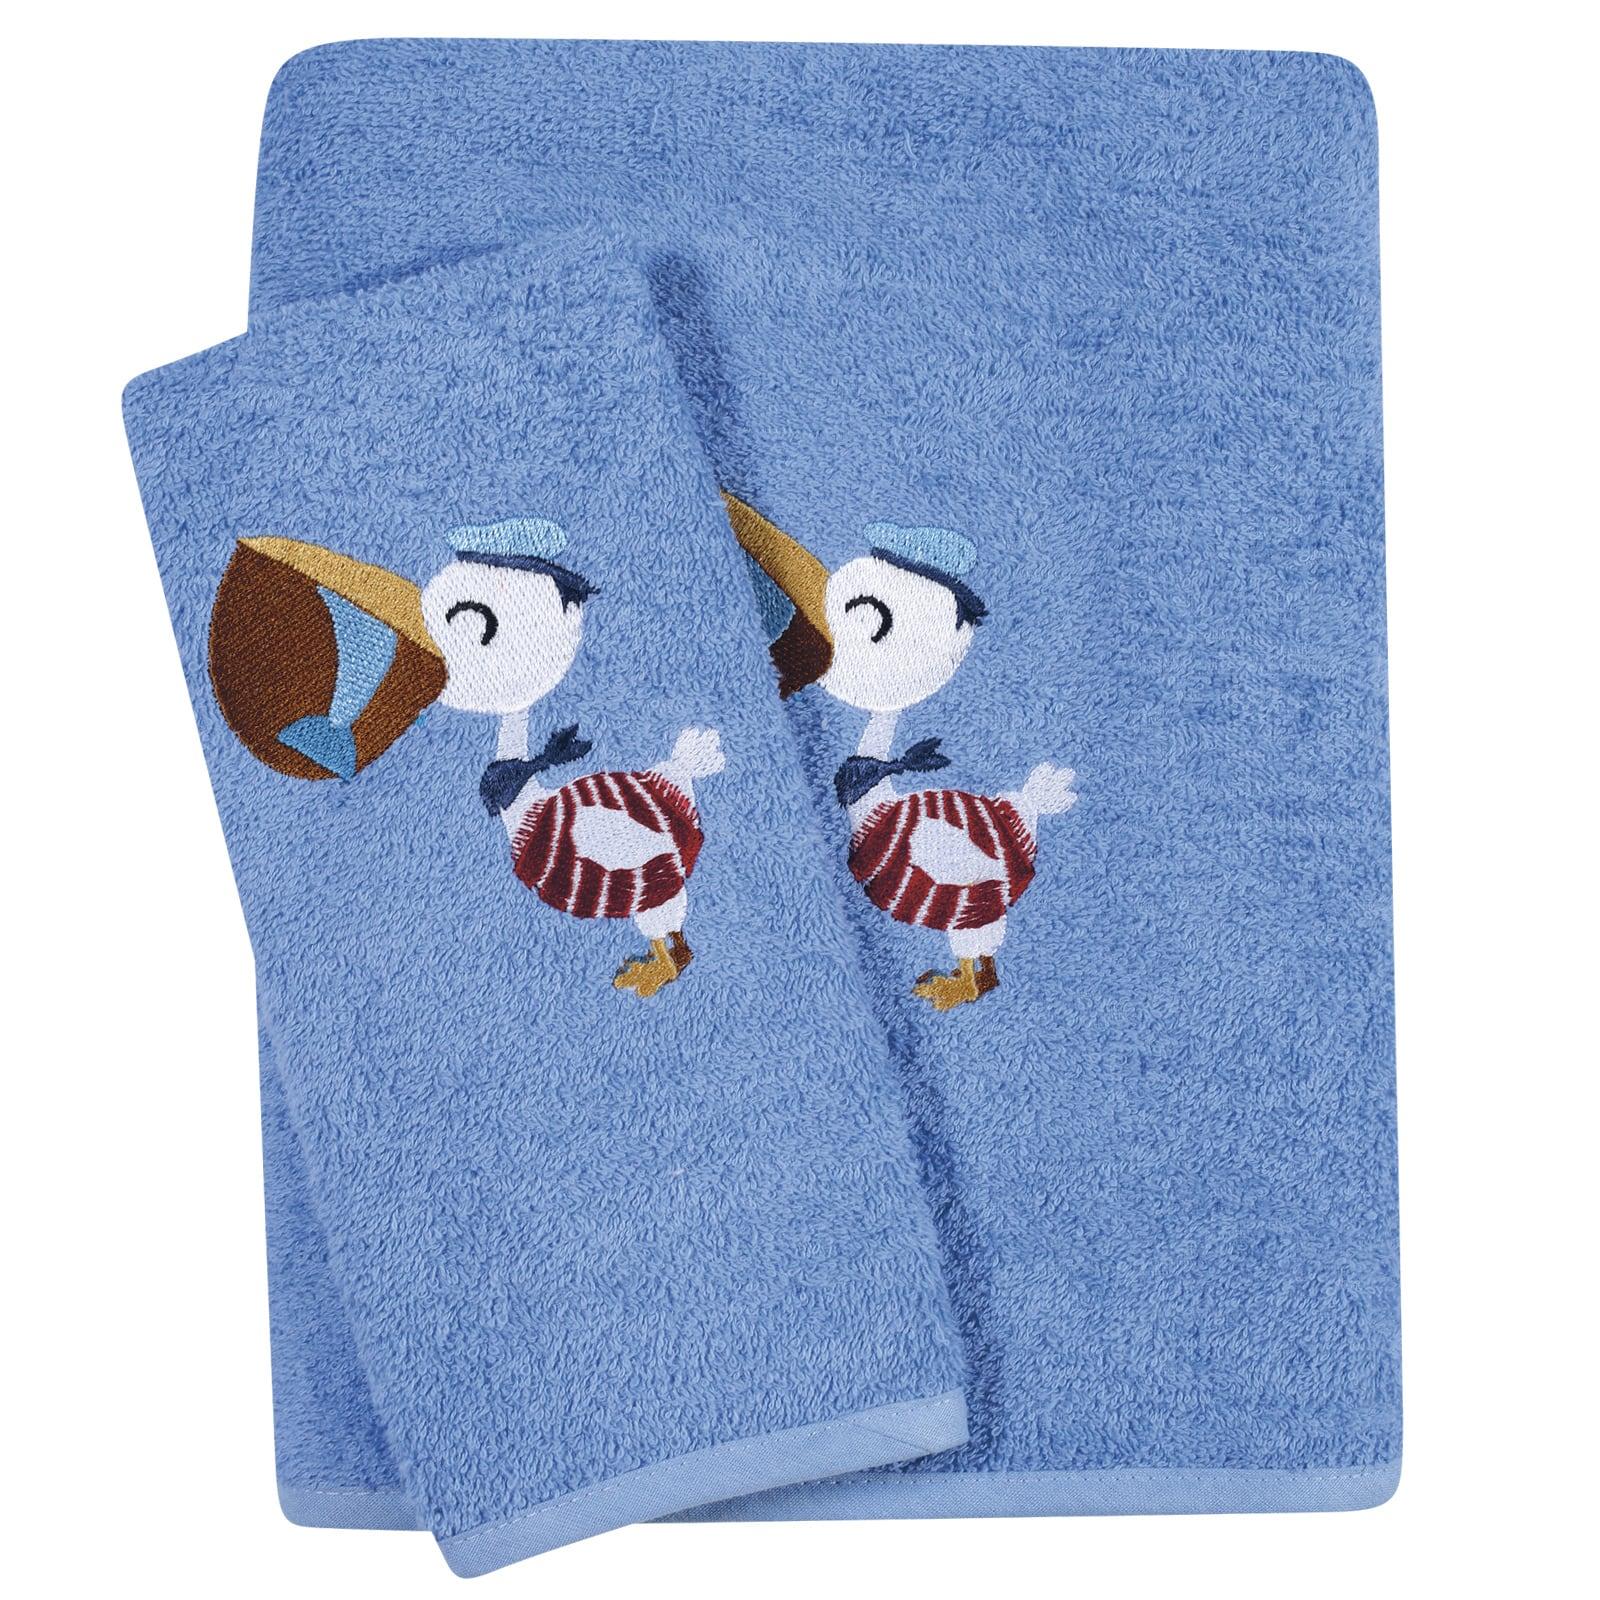 Πετσέτες Βρεφικές Κεντητές 6582 Σετ 2τμχ Baby Smile Blue Das Baby Σετ Πετσέτες 70x140cm